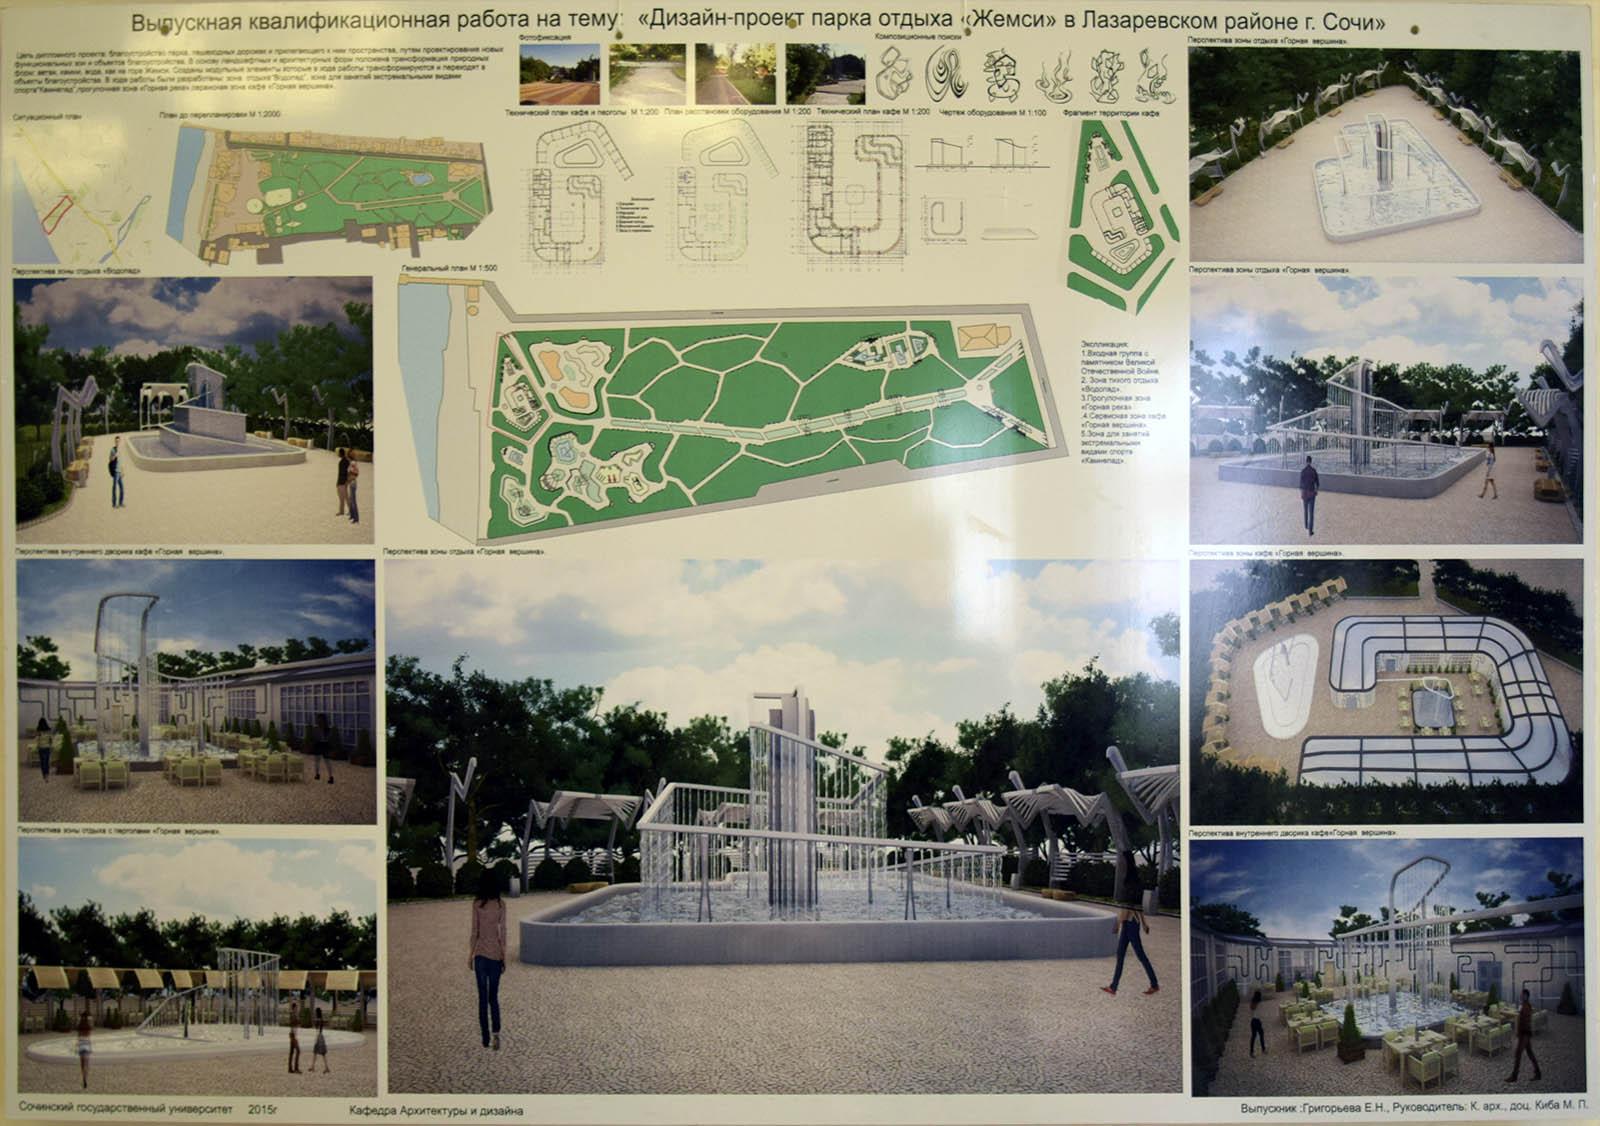 Сочи гостеприимный город победители и их проекты  arso 1207